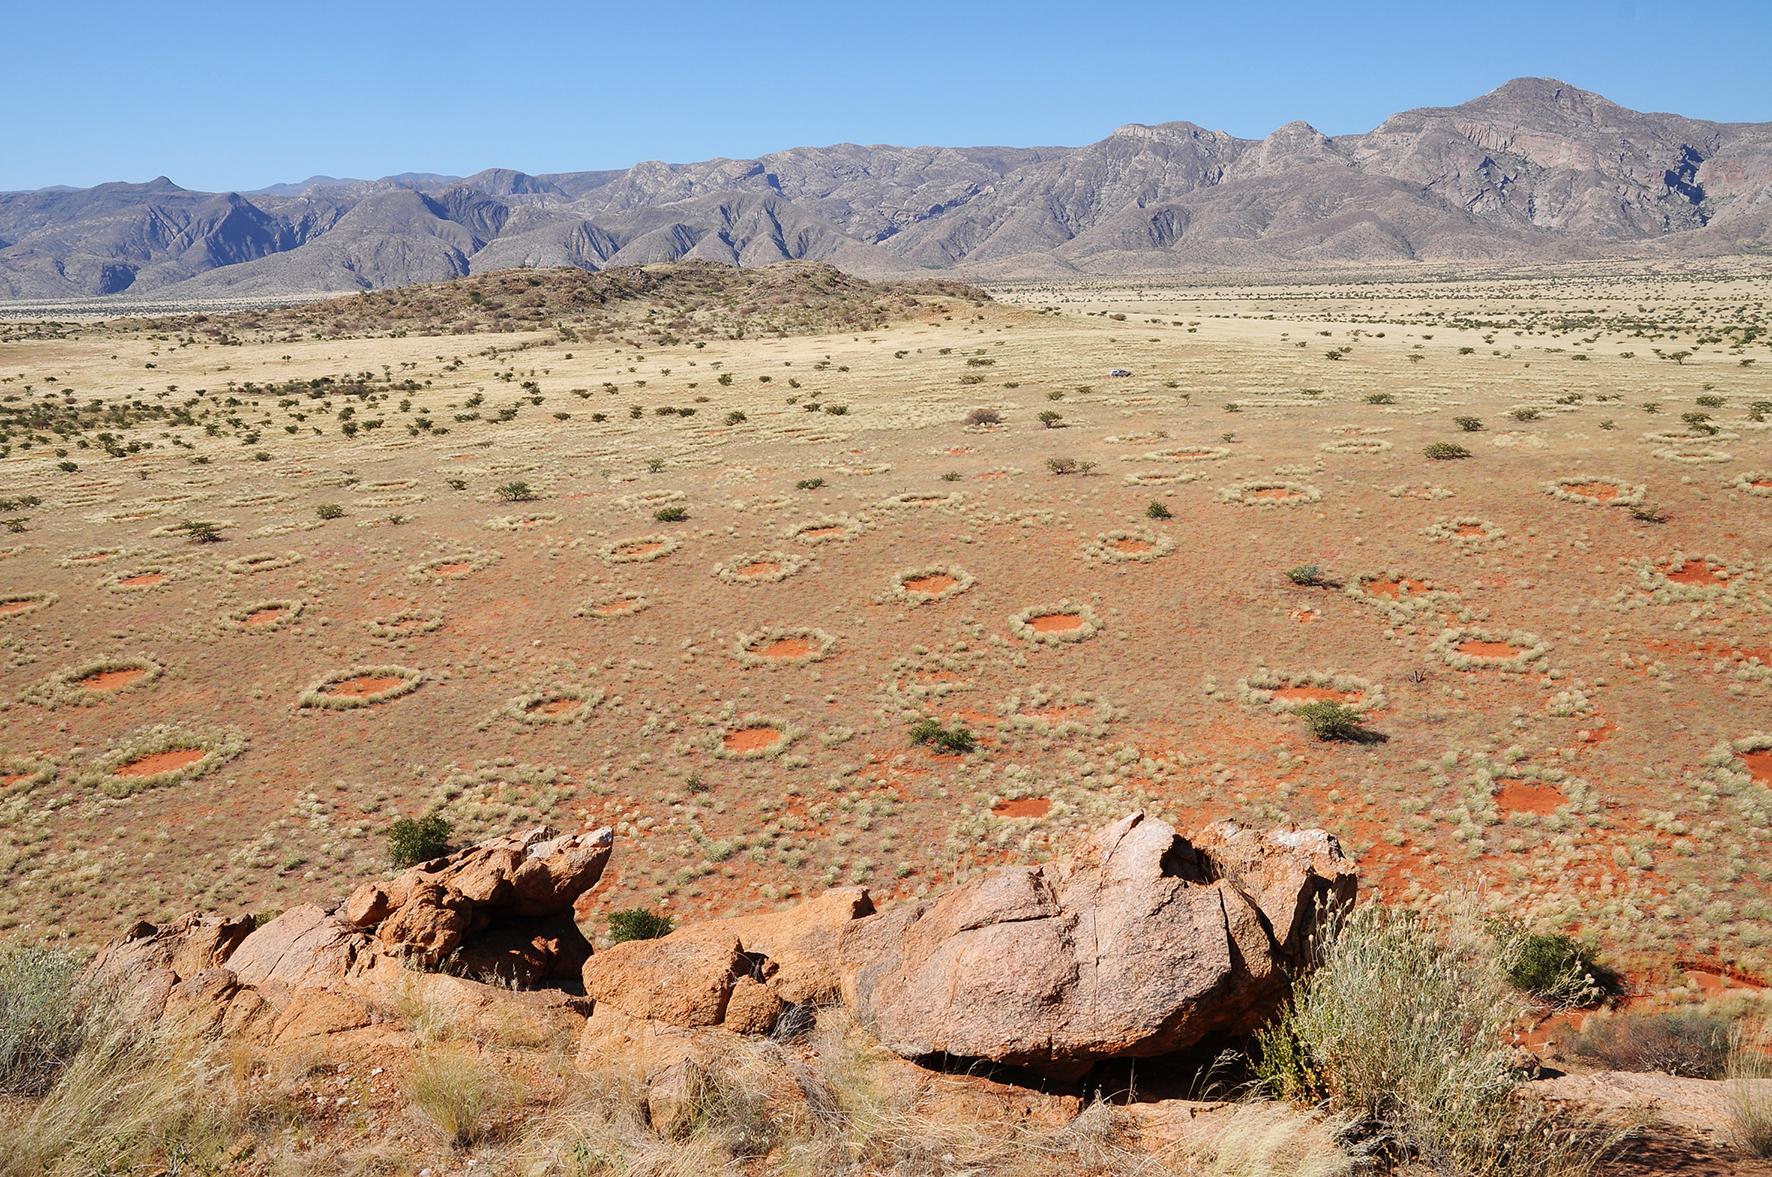 Vista aérea de los anillos de hadas de Namibia. Imagen: Stephan Getzin/UFZ. Fuente: Centro Helmholtz.